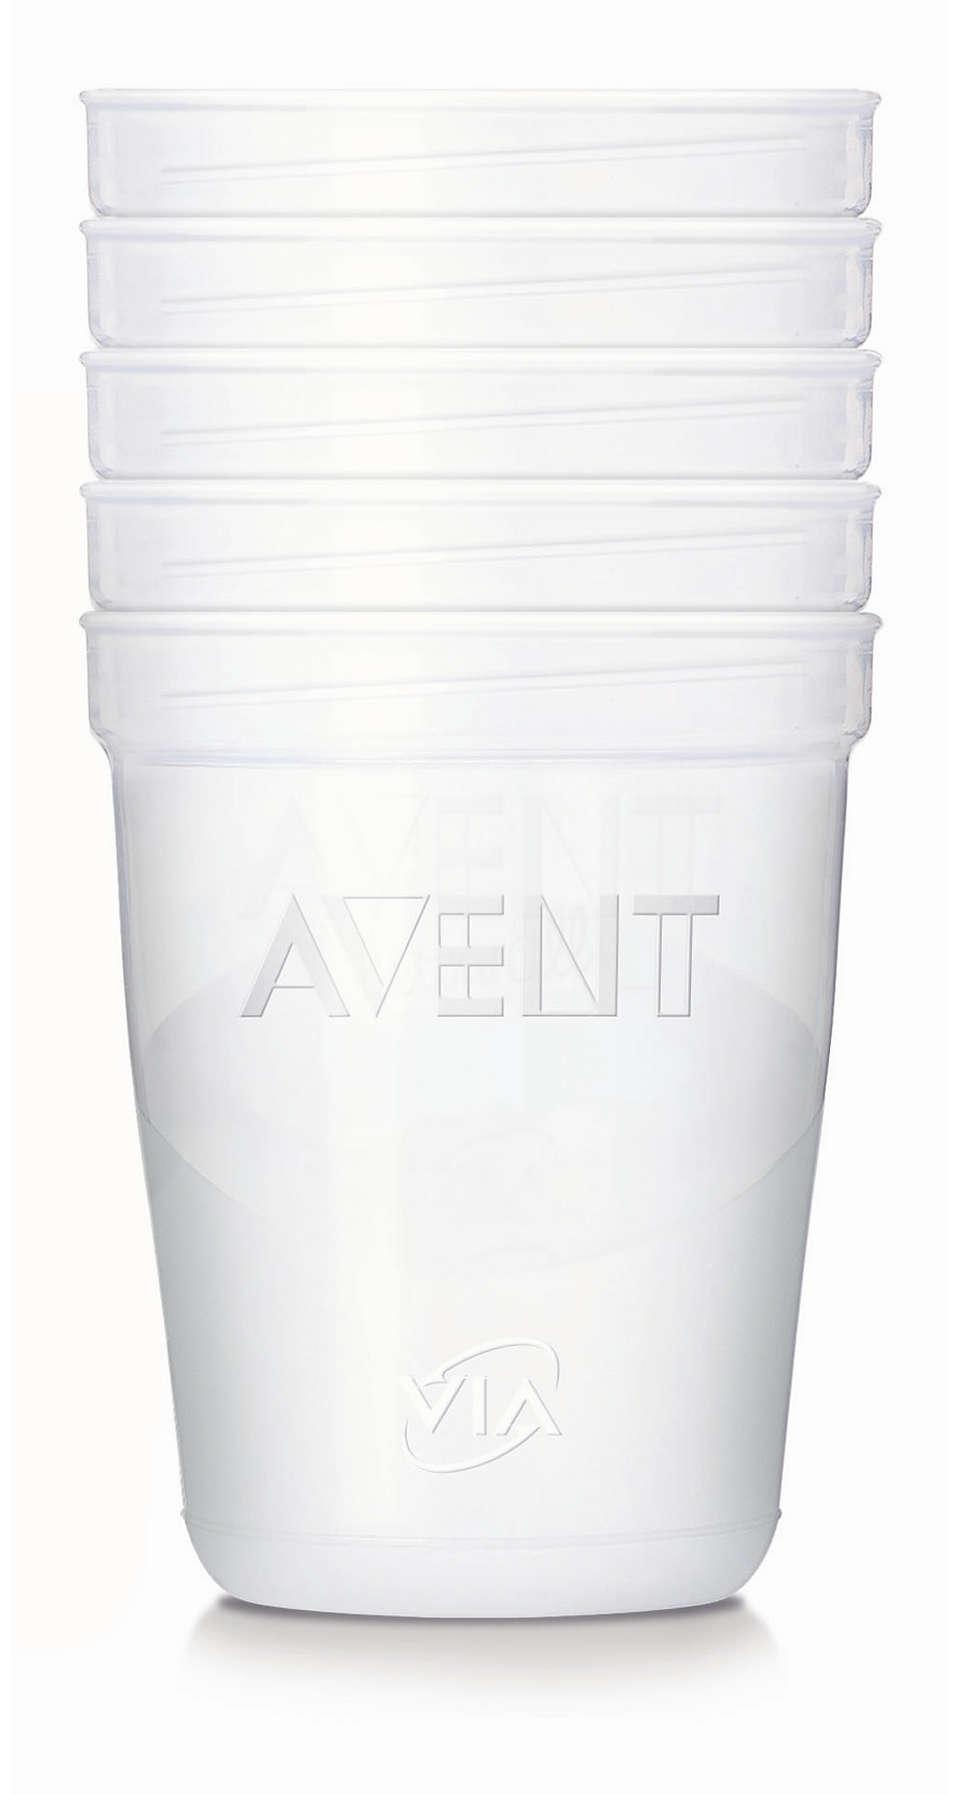 飛利浦 AVENT 儲存系統,方便儲存